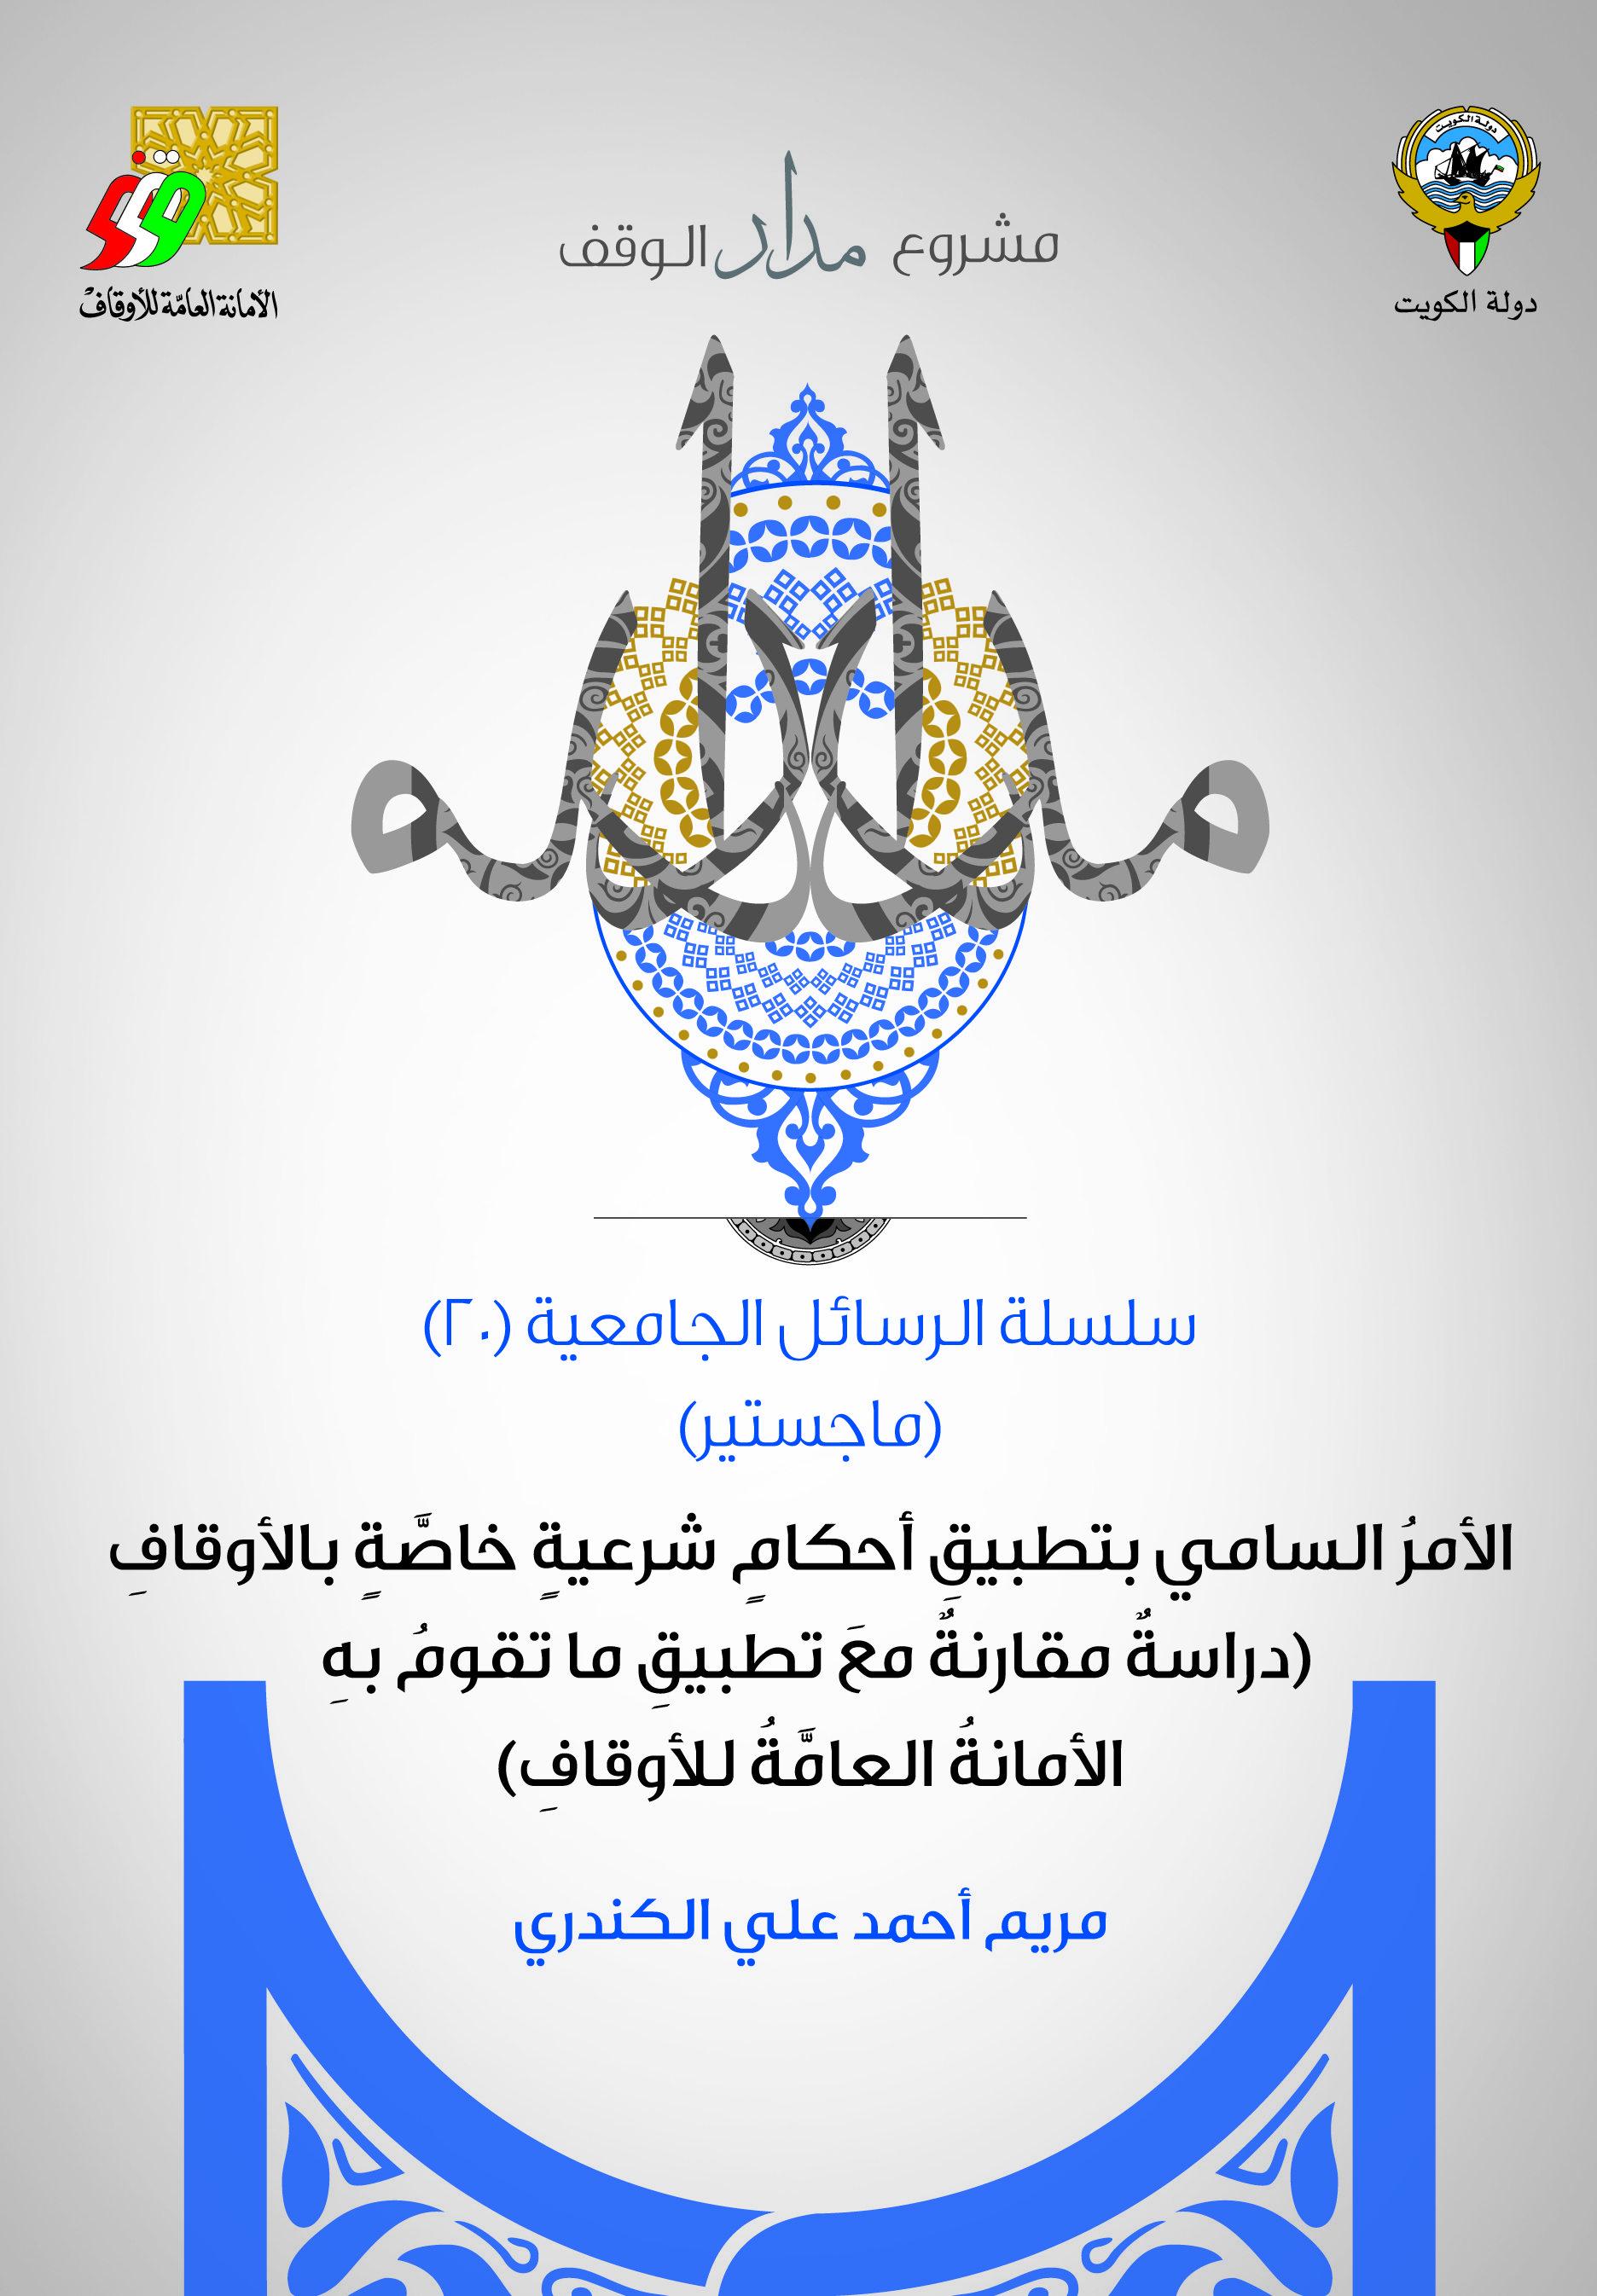 الأمر السامي بتطبيق أحكام شرعية خاصة بالأوقاف (دراسة مقارنة مع تطبيق ما تقوم به الأمانة العامة للأوقاف بدولة الكويت)